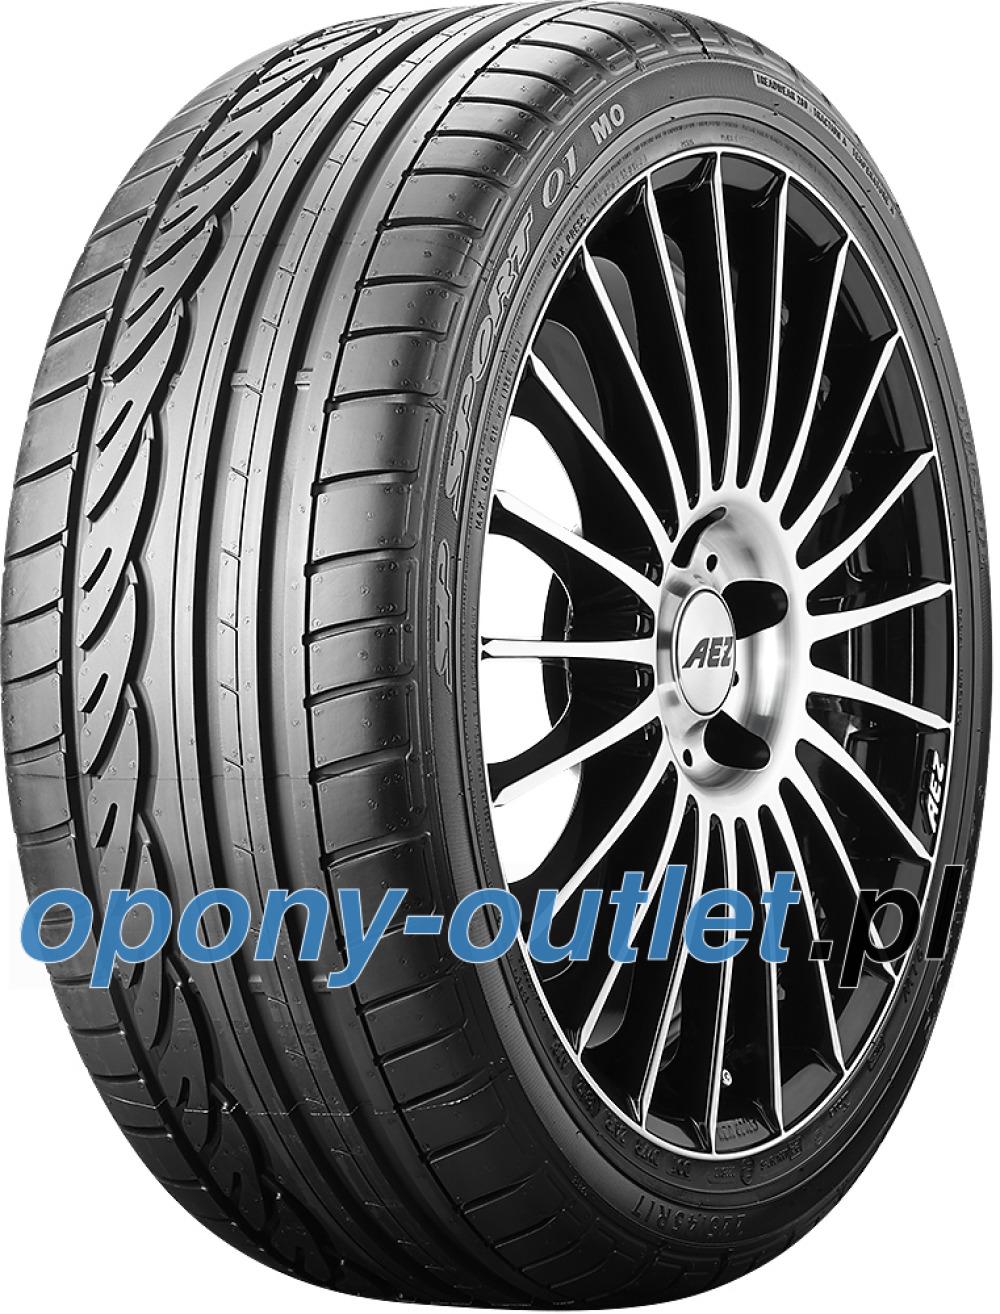 Dunlop SP Sport 01 ( 255/40 R19 100Y XL osłona felgi (MFS), MO )